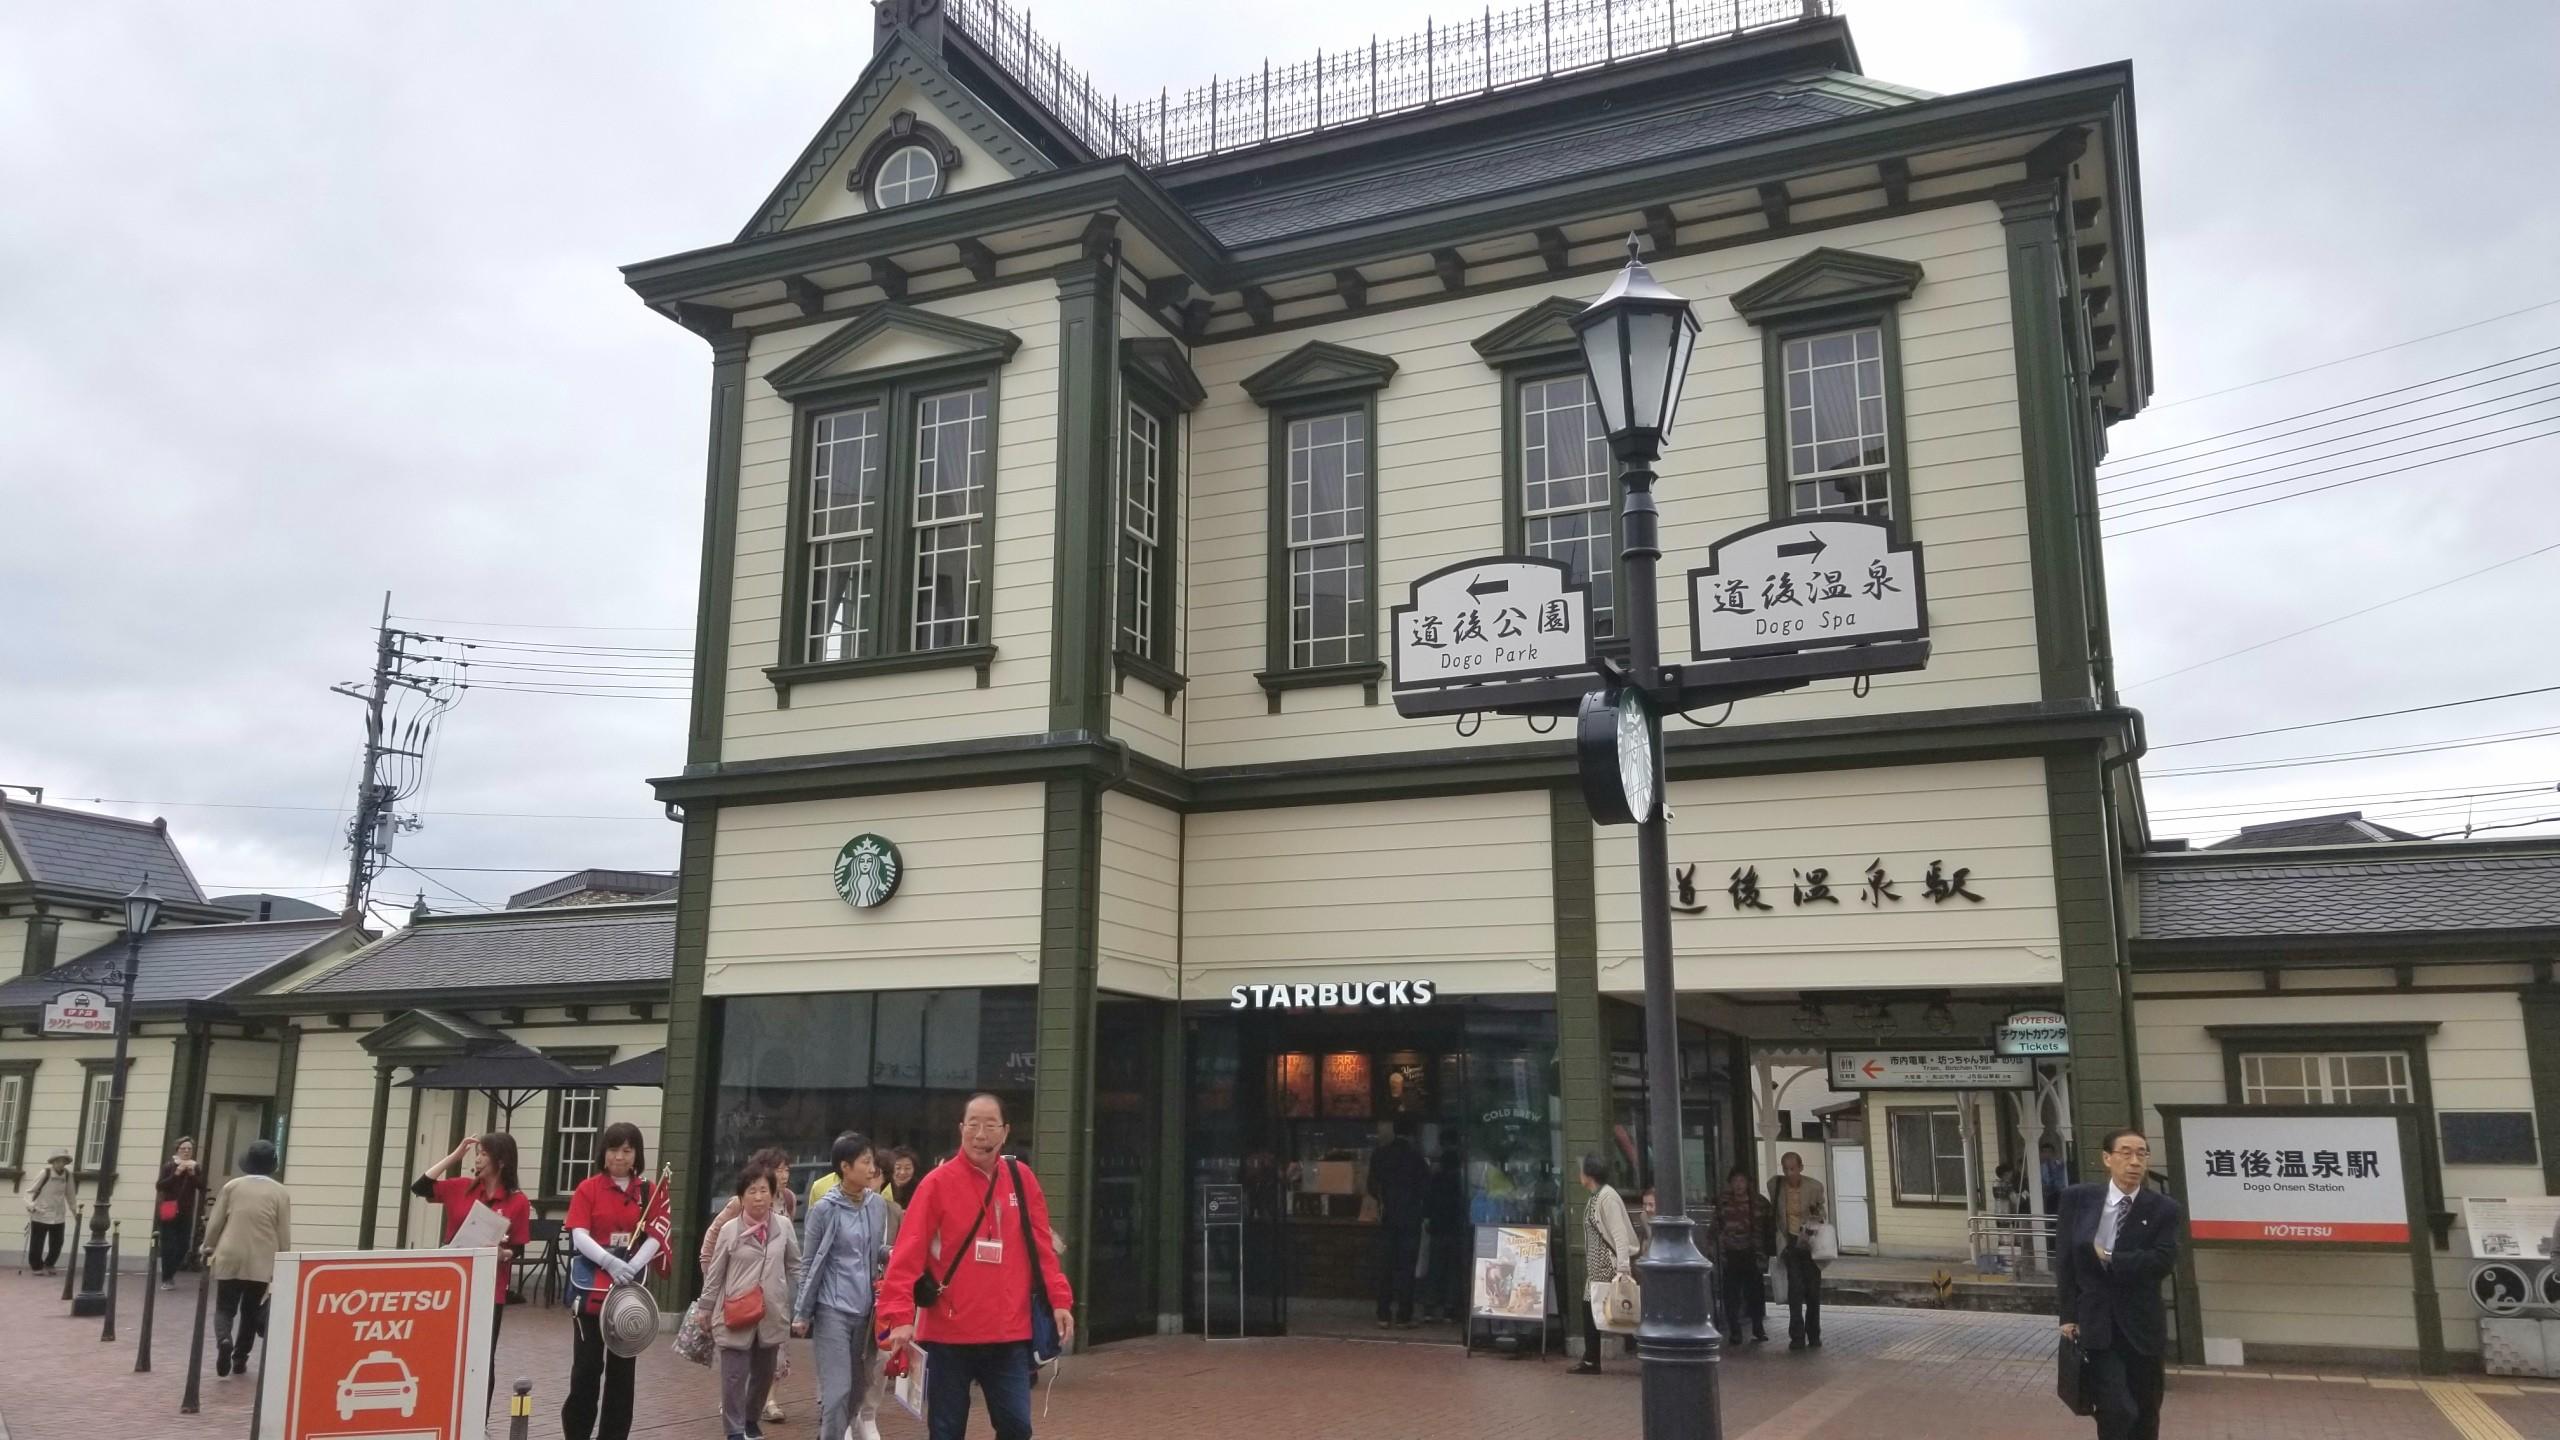 愛媛県,道後駅前,路面電車,ちんちん電車,観光名所,旅行,散策,楽しい,